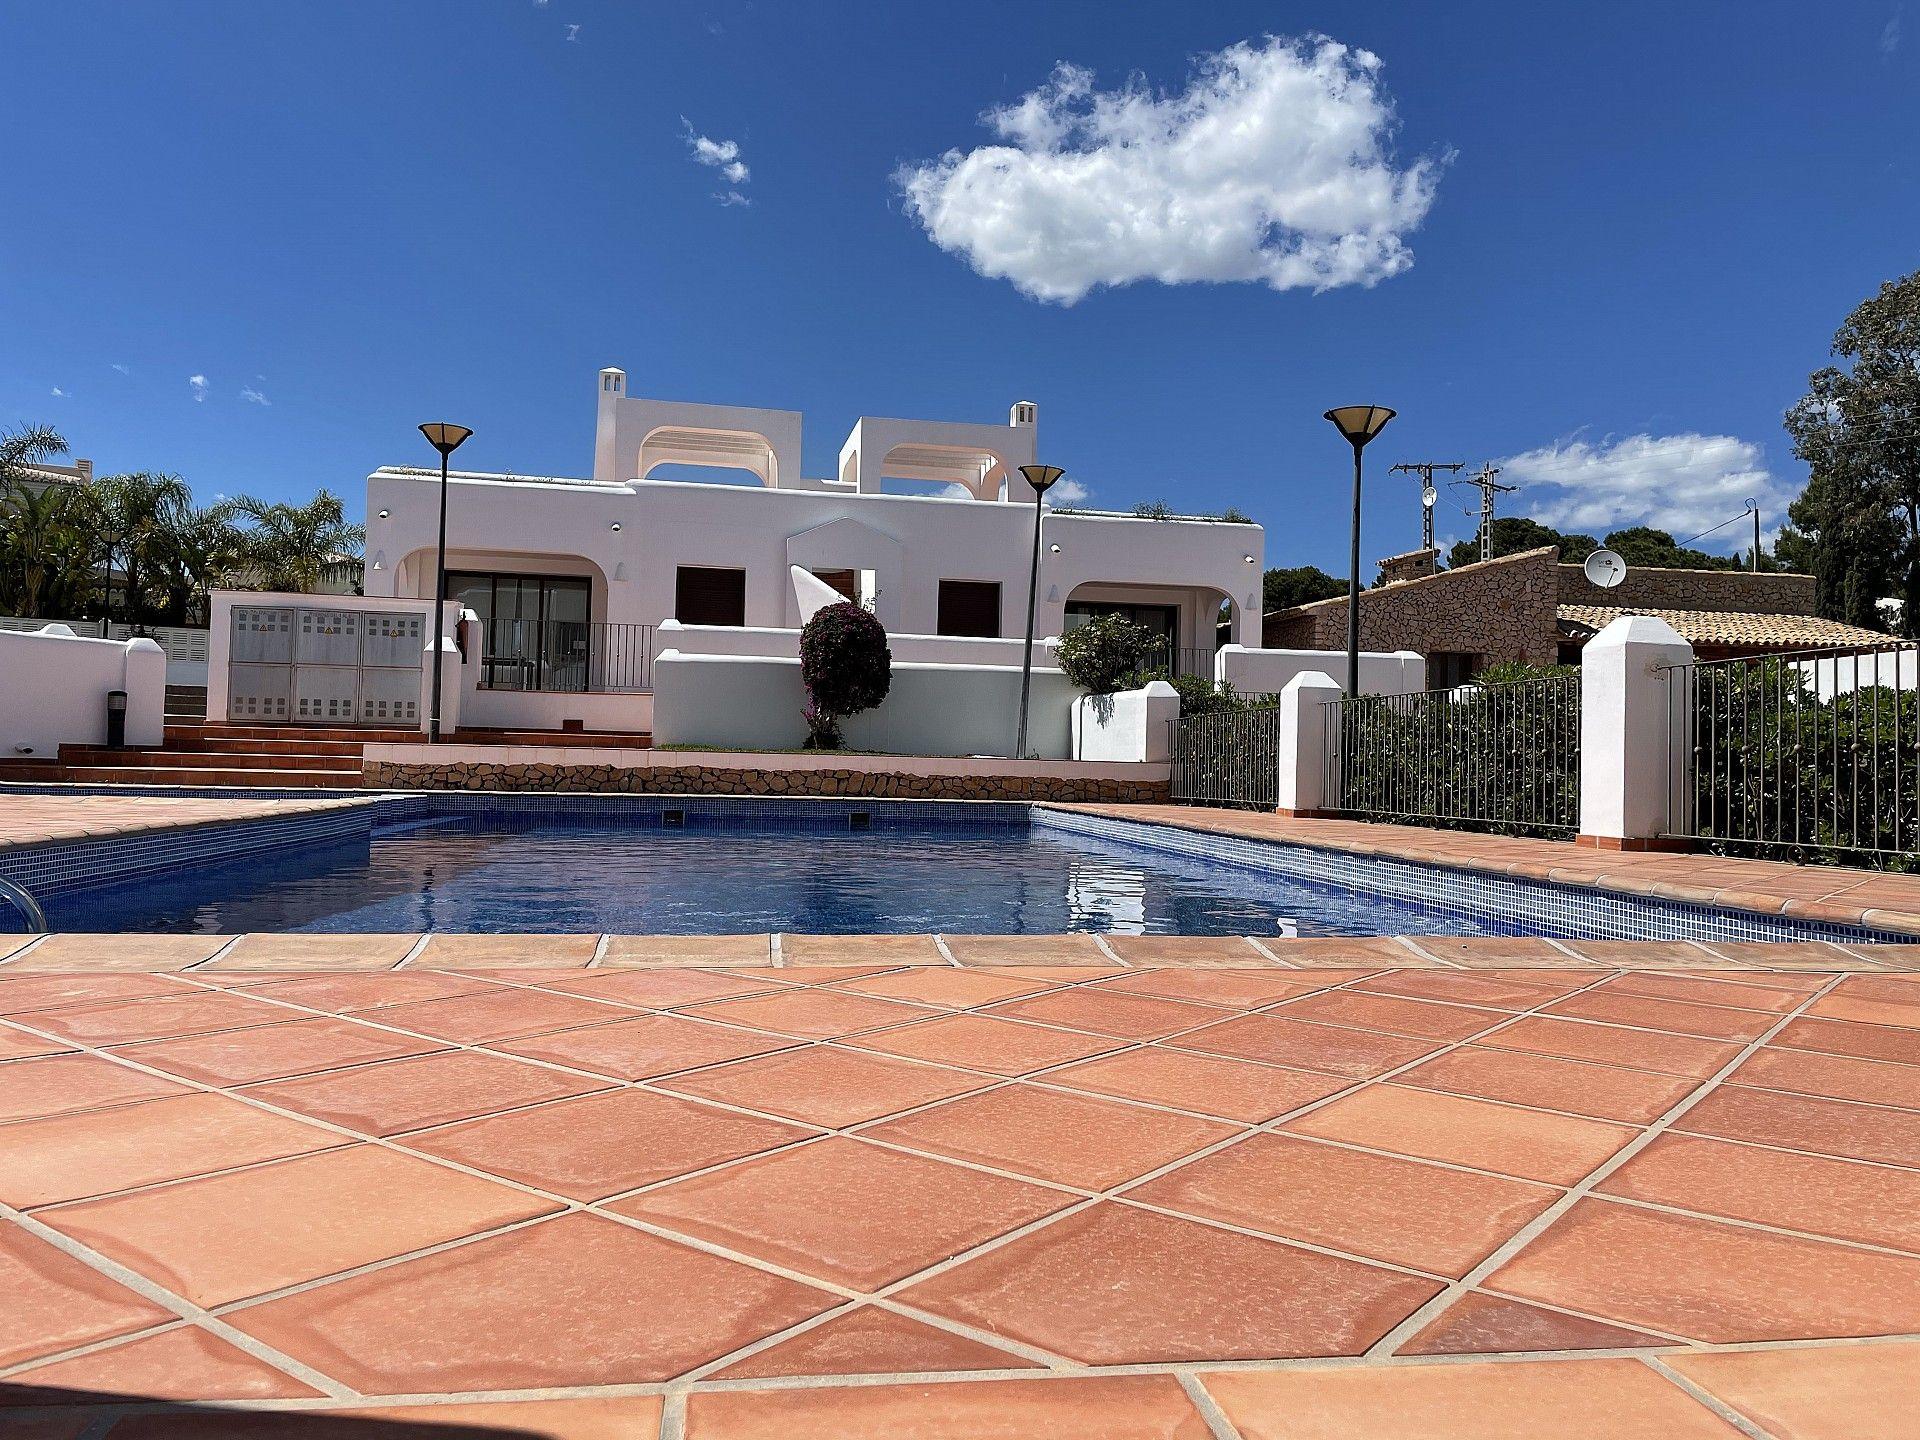 w_te-koop-huis-costa-blanca-benissa-calpe-zeezicht-h4003-02-2.jpeg